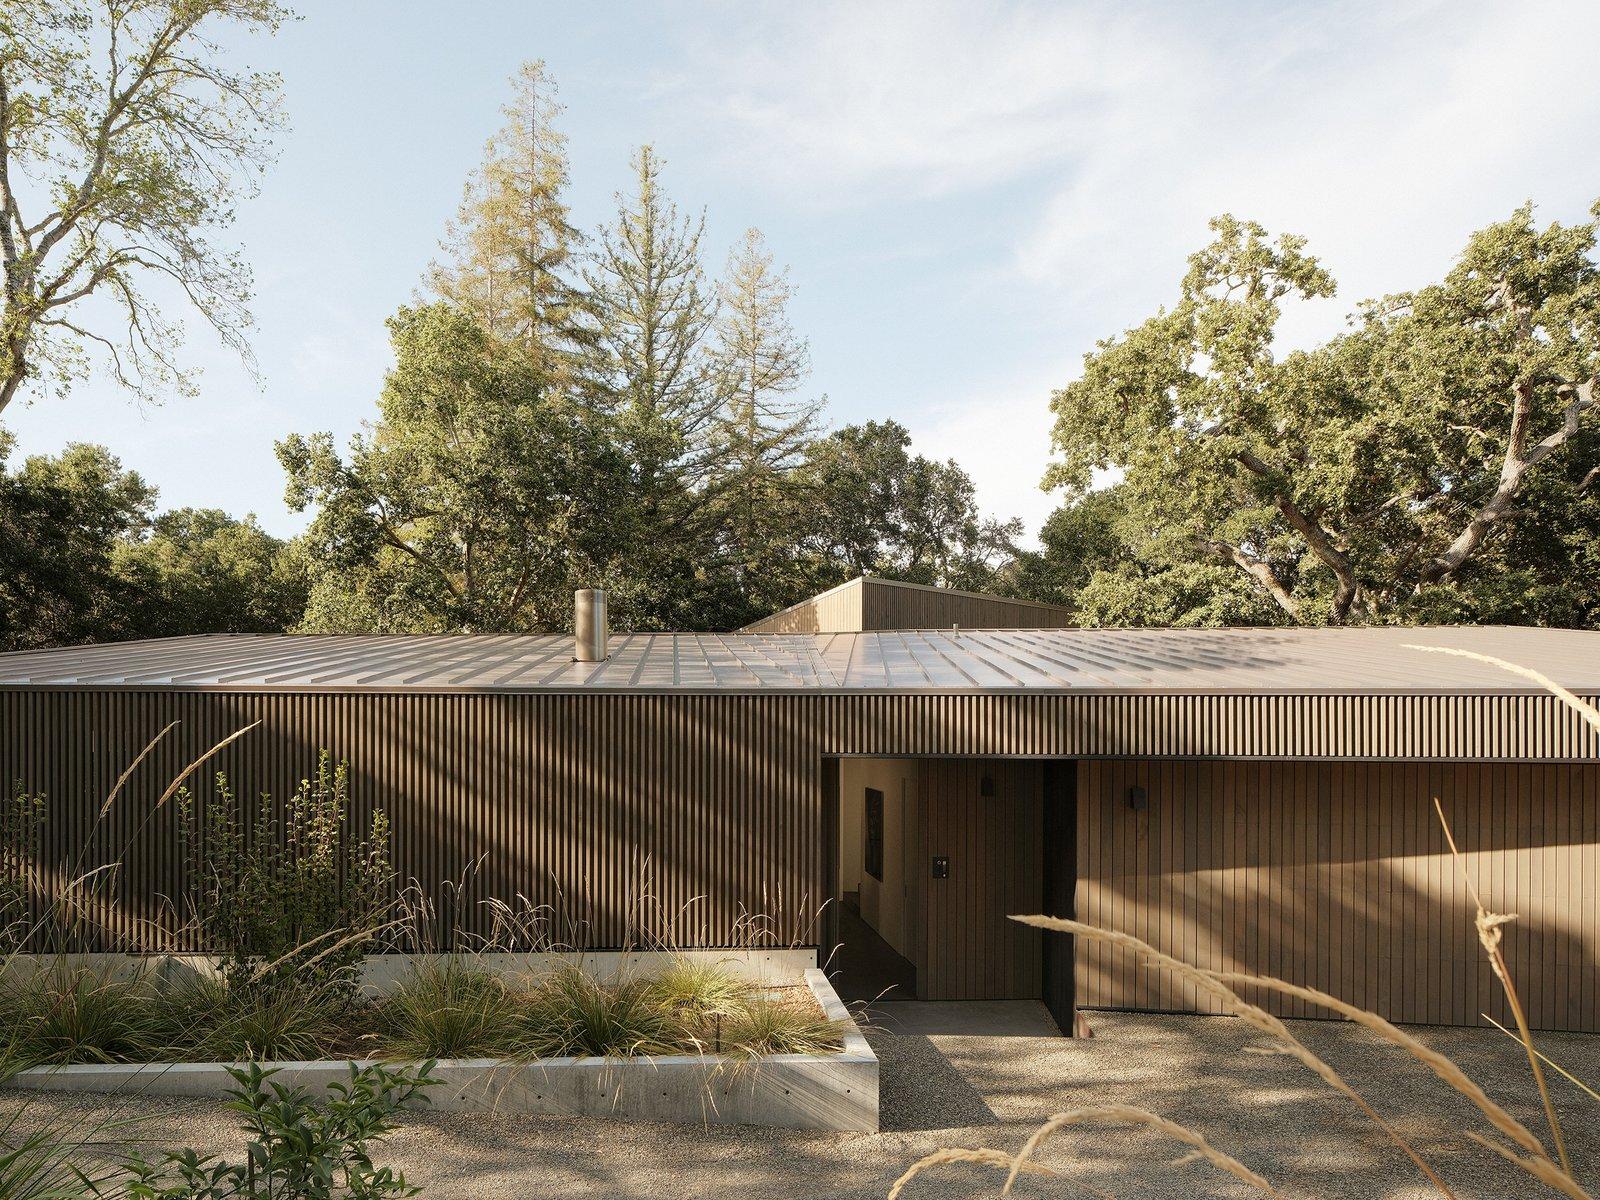 Dawnridge-Field Architecture